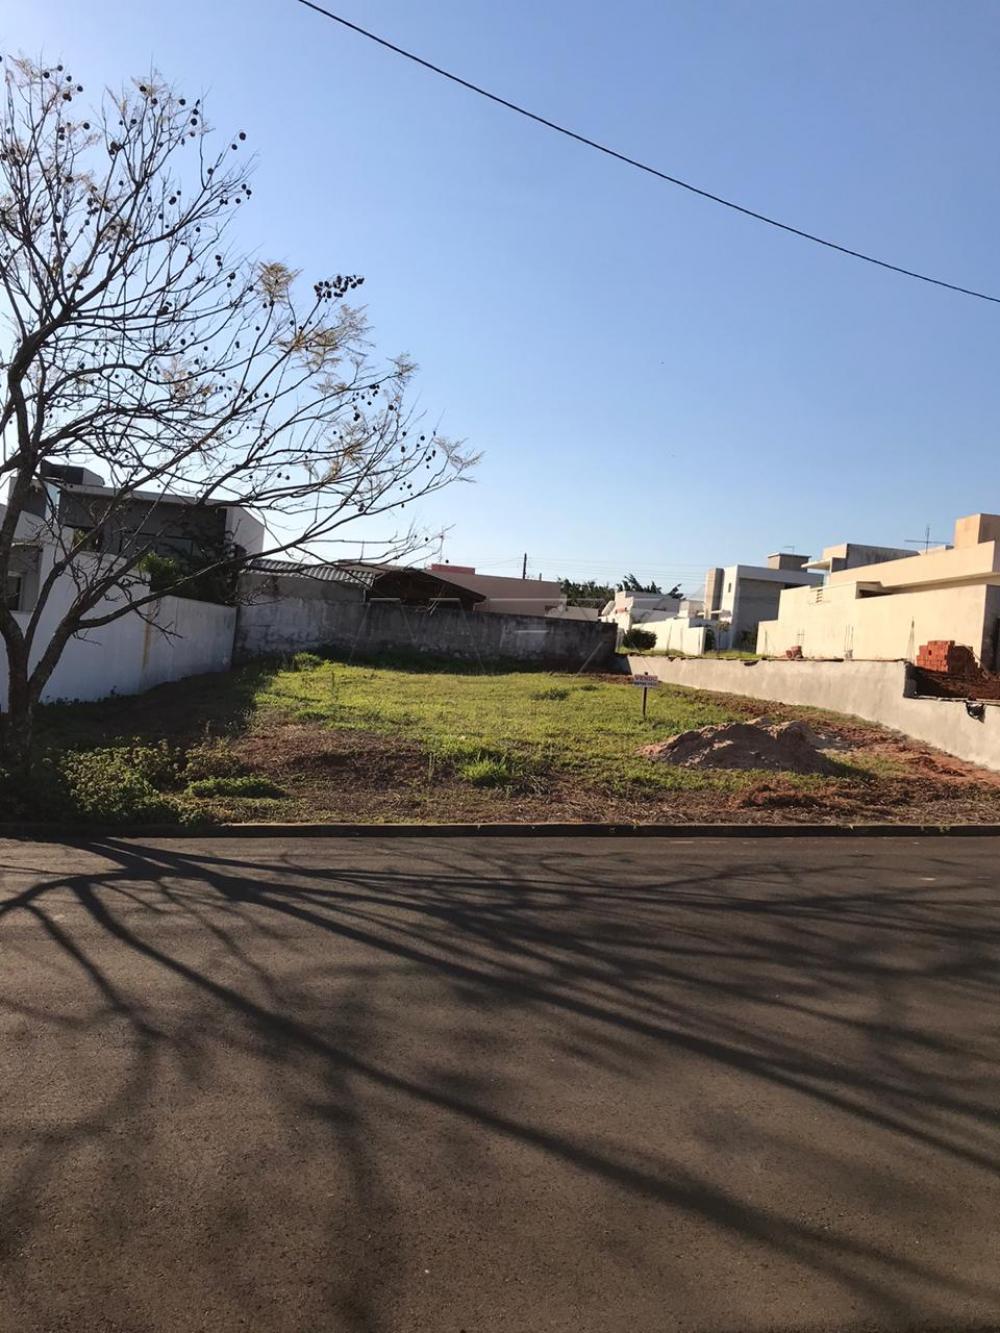 Comprar Terreno / Condomínio em Bauru apenas R$ 190.000,00 - Foto 3